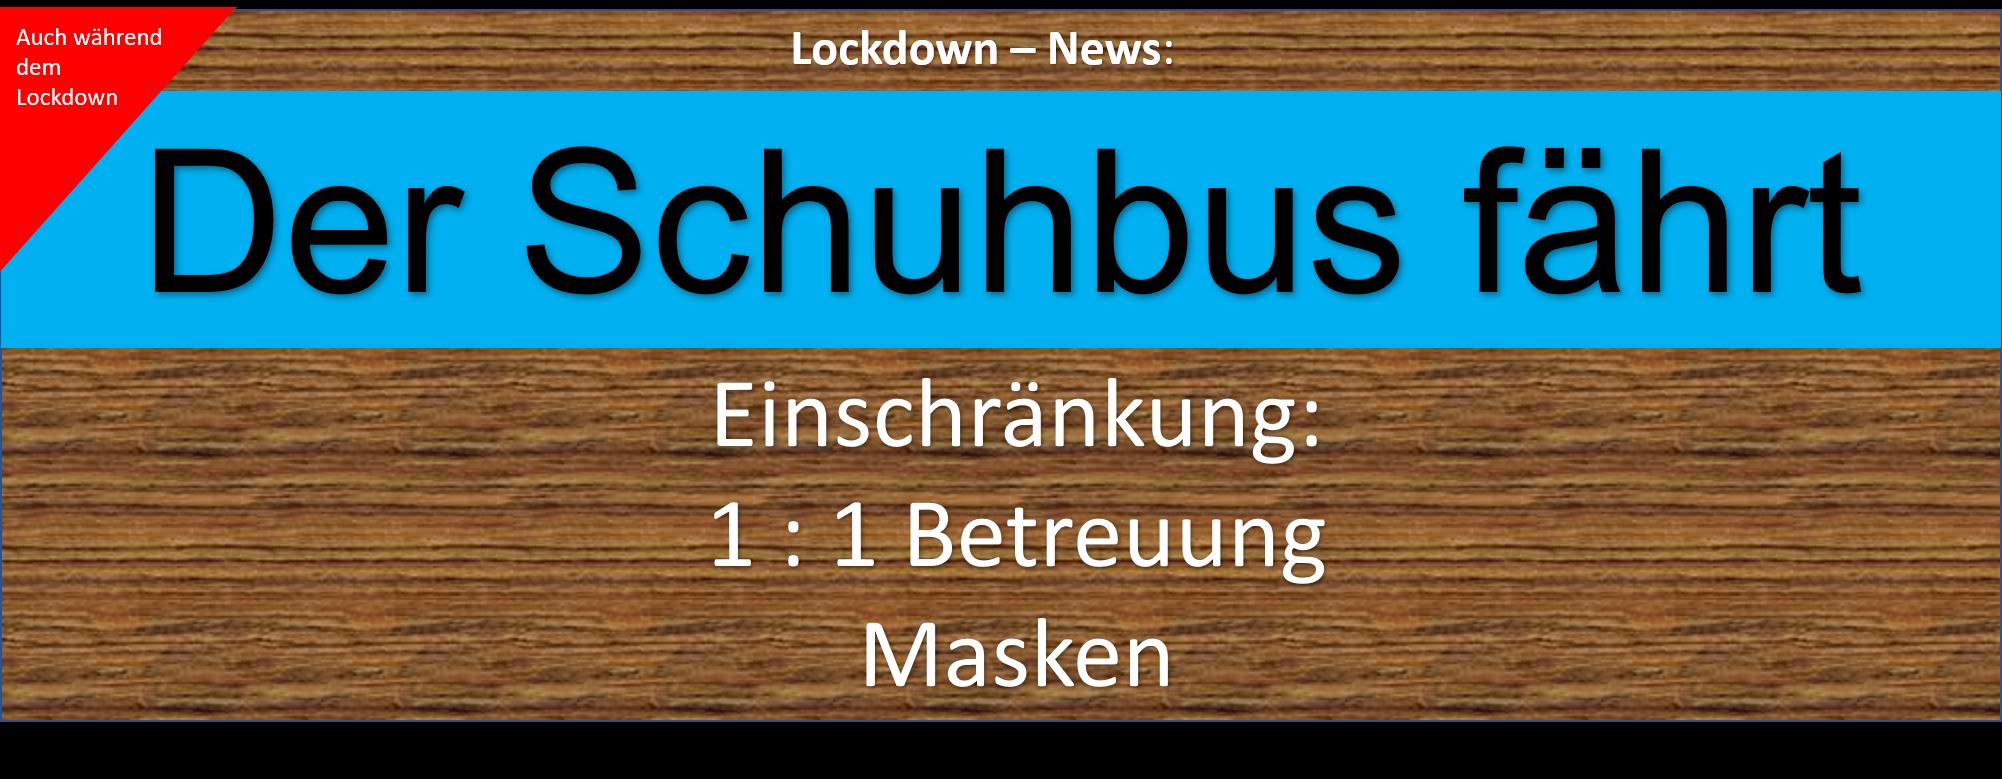 Lockdown bus